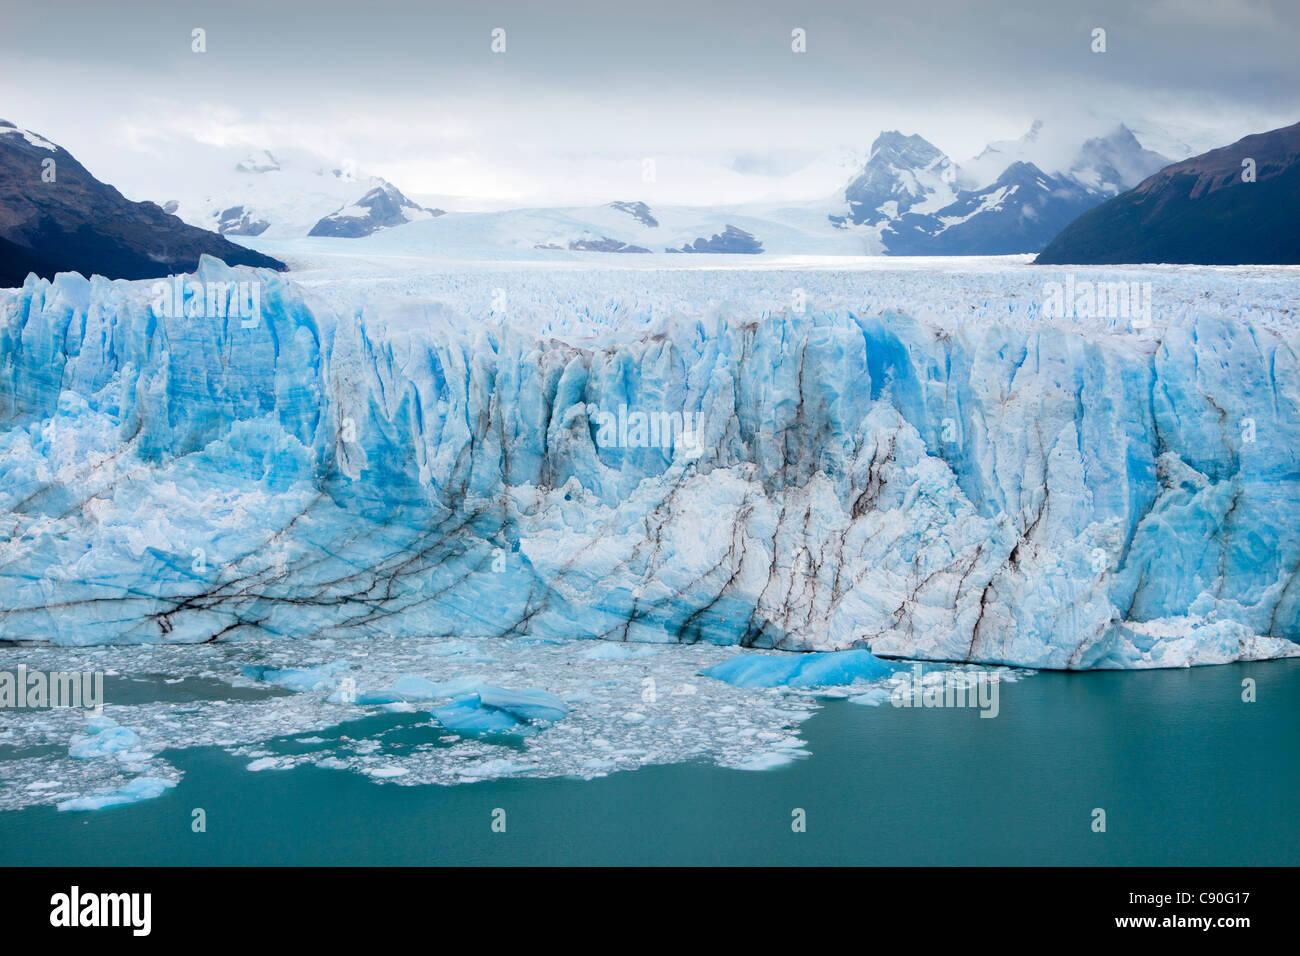 Ghiacciaio Perito Moreno e Lago Argentino, parco nazionale Los Glaciares, vicino a El Calafate, Patagonia, Argentina Foto Stock